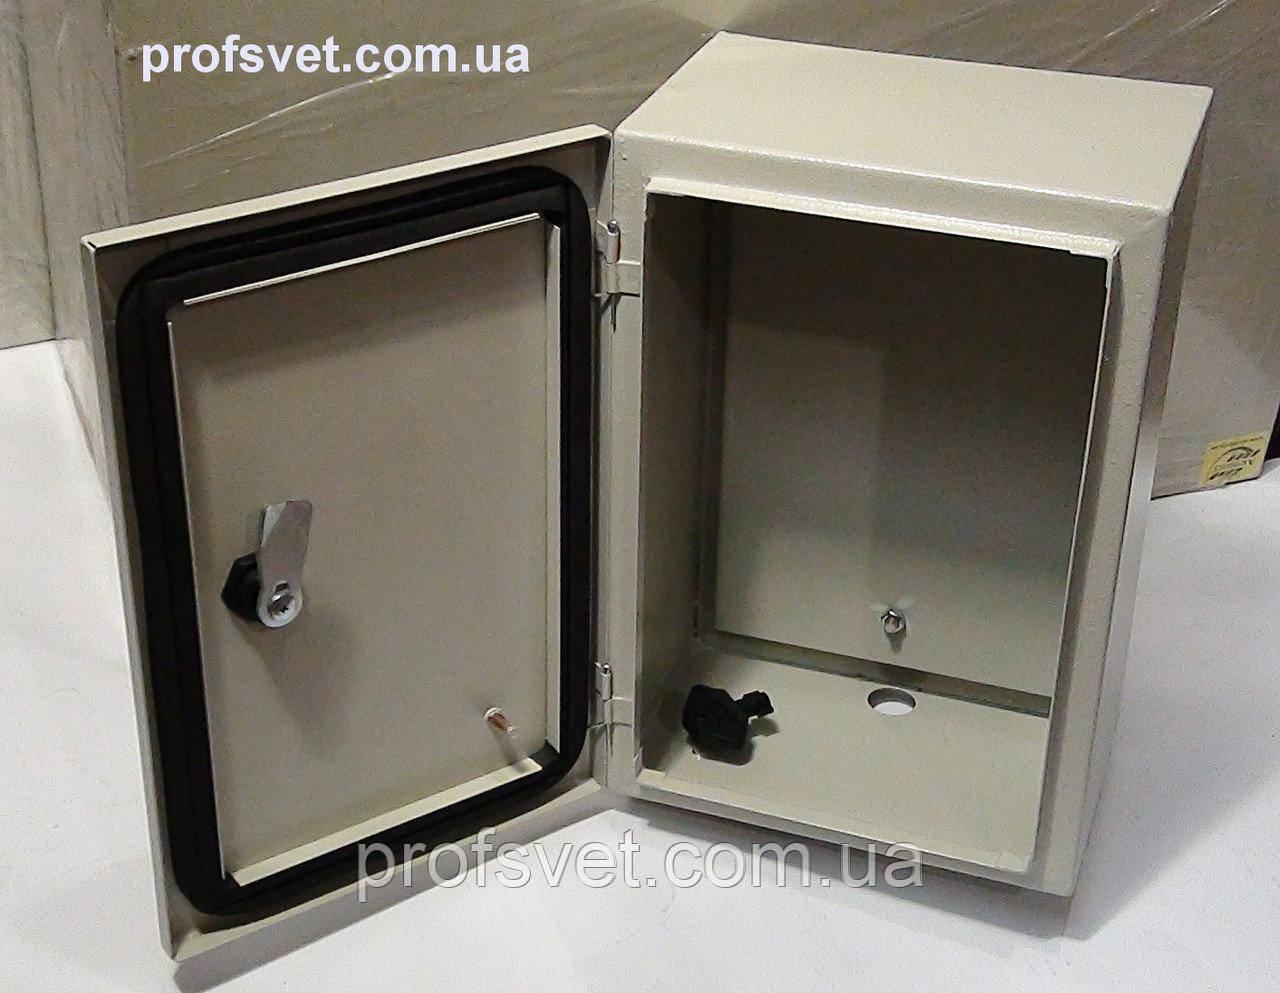 Щит металлический универсальный 300х500х200 IP42